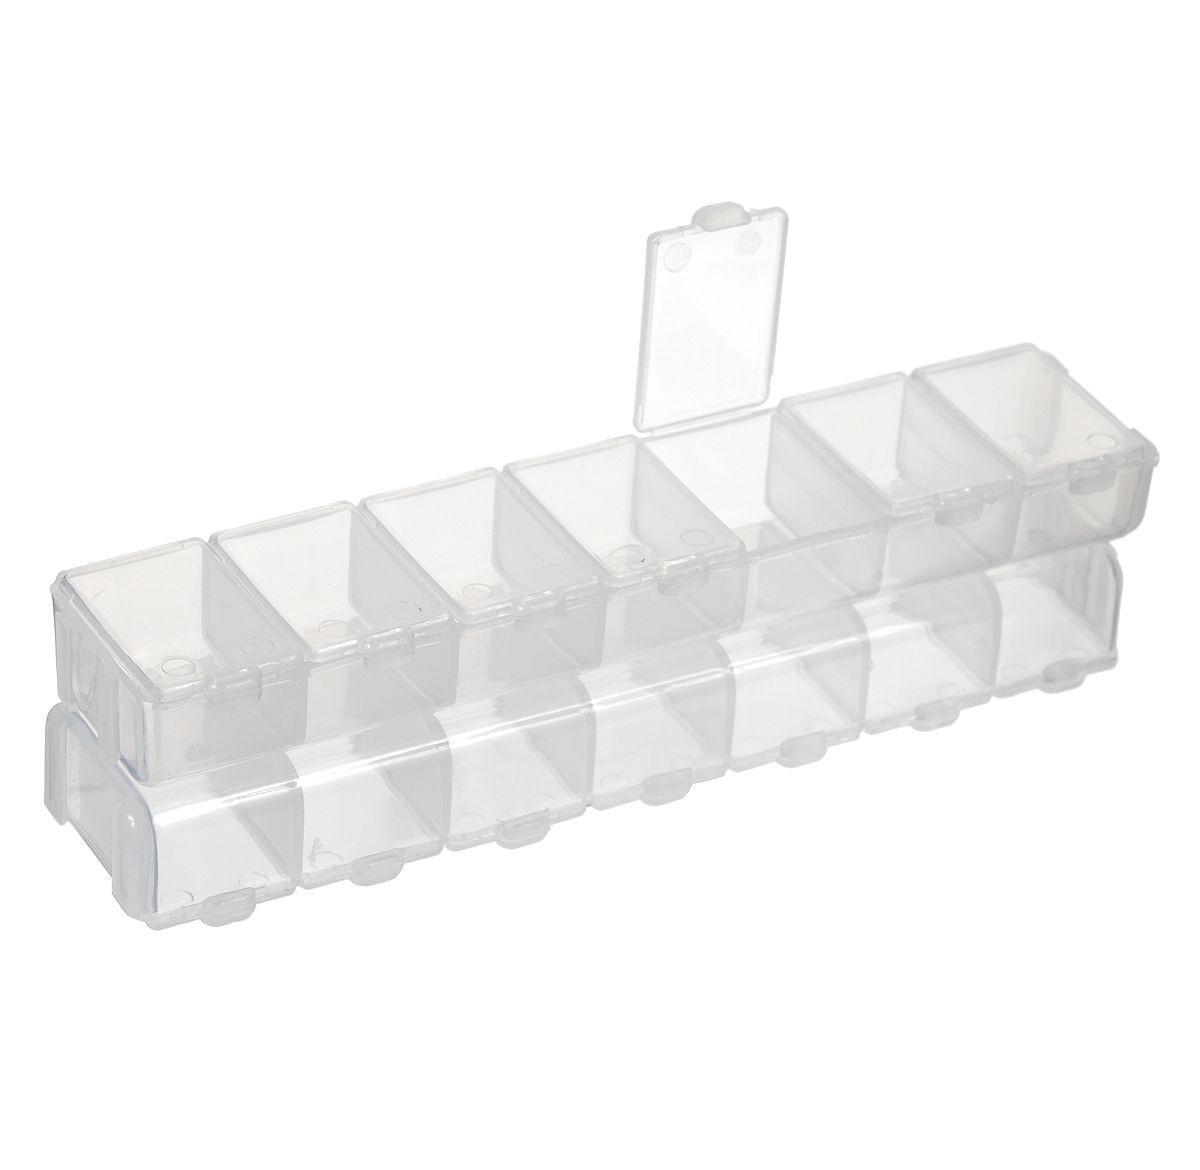 Контейнер для мелочей Два пенала, двухсторонний, 15,5 х 3,5 х 2 см7700175Двухсторонний контейнер для мелочей Два пенала изготовлен из прозрачного пластика. Содержит 14 секций, каждая из которых закрывается отдельной крышечкой. Идеально подходит для рыболовных снастей и приманок, а также мелких деталей и аксессуаров для шитья. Удобные и надежные защелки обеспечивают надежное закрывание крышек. Изделие легко моется и чистится.